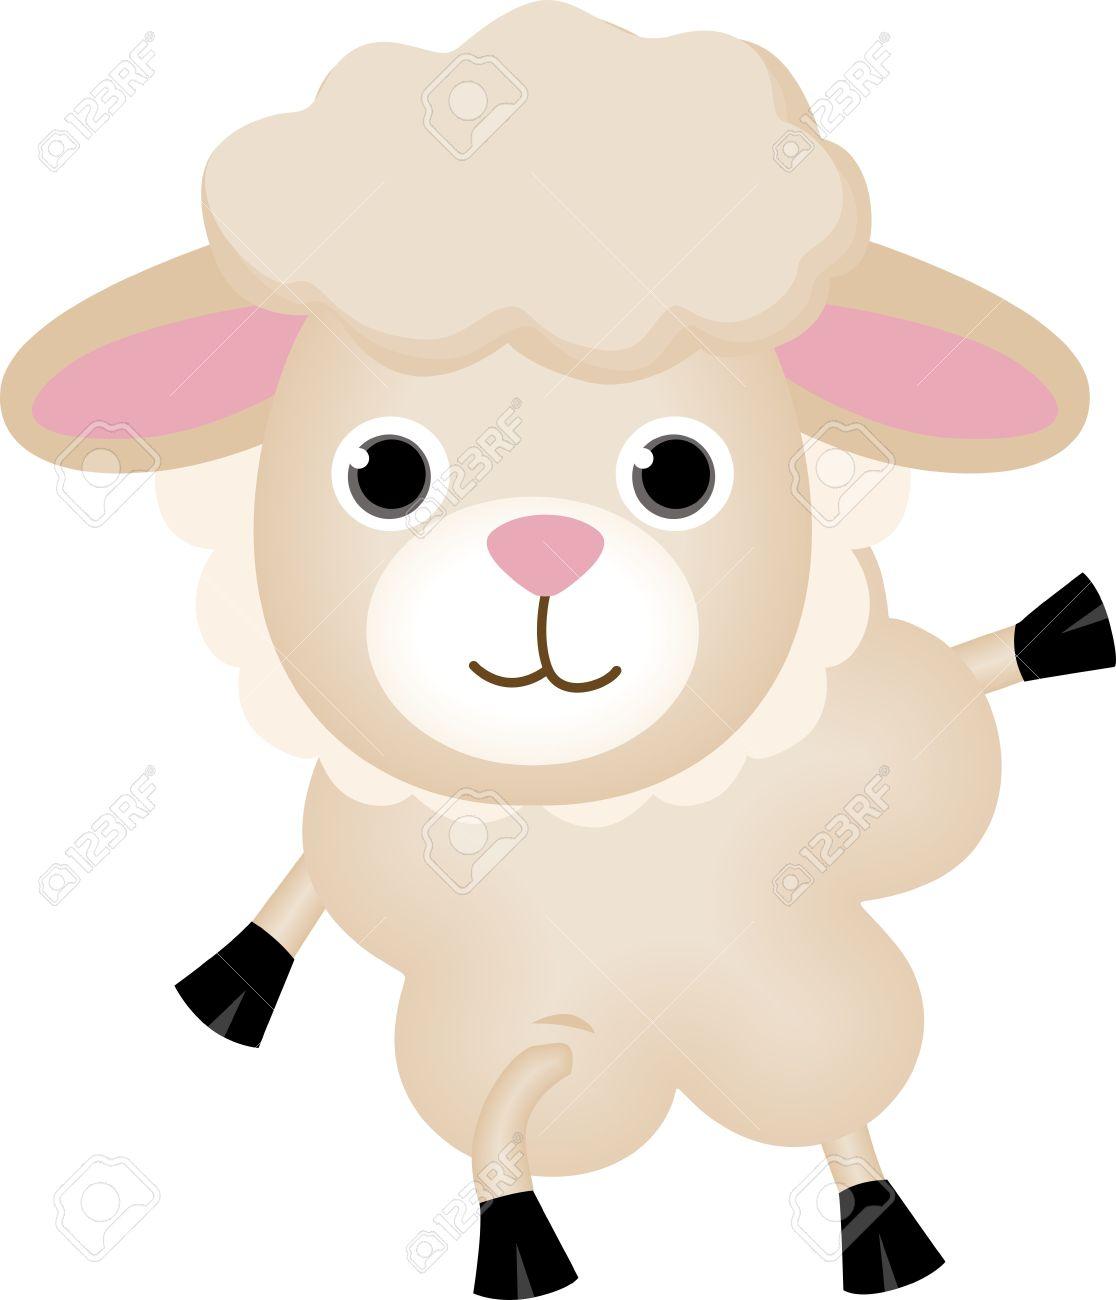 Cute Sheep - 16428174